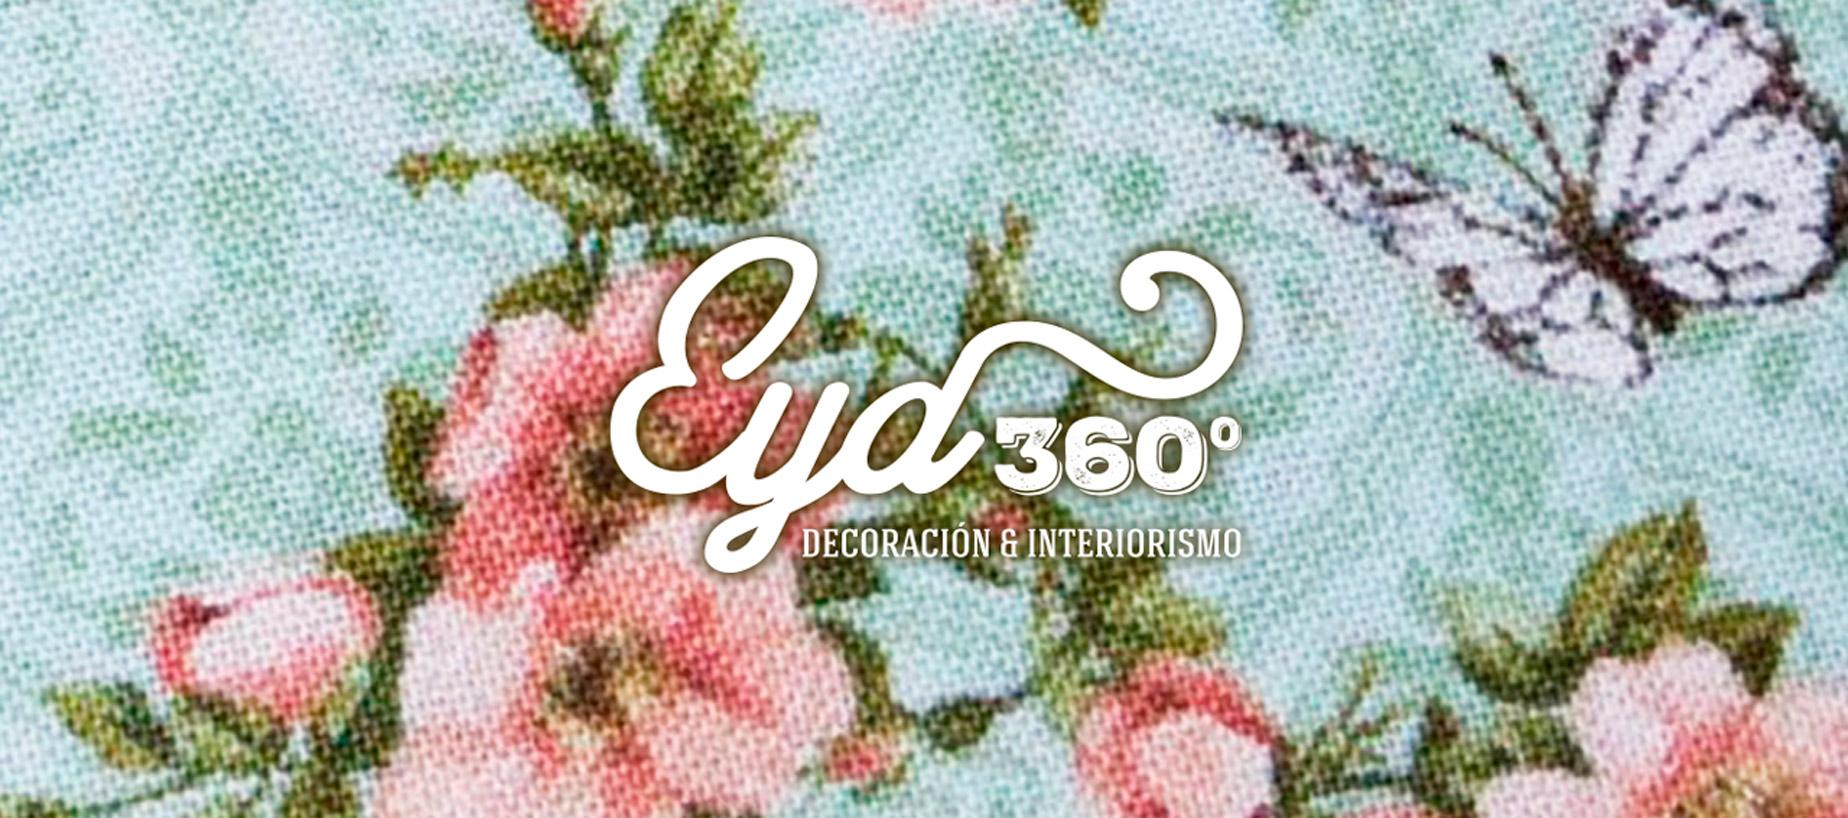 Detalle del diseño web de Eyd360